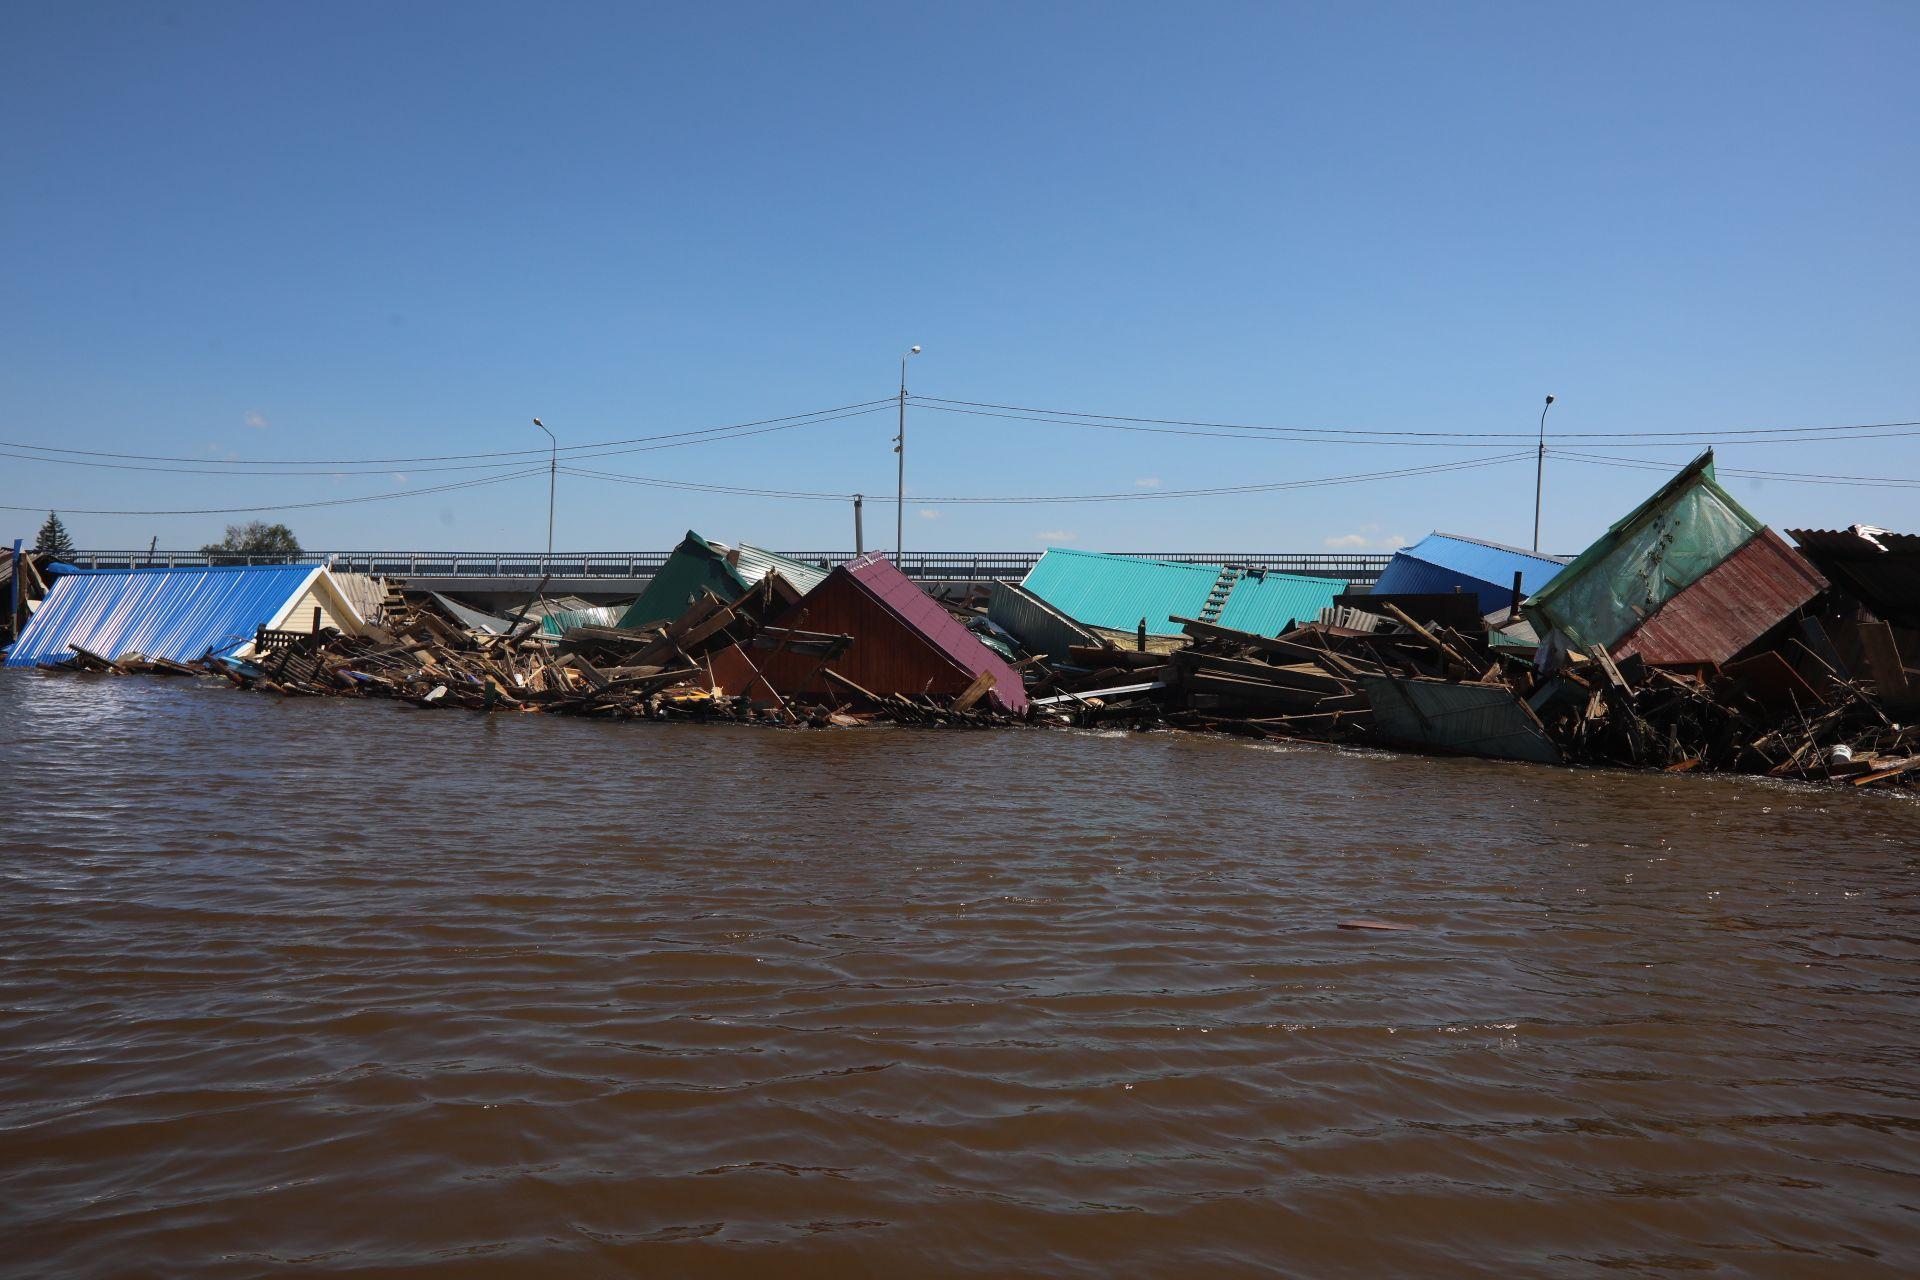 Наводнение в Иркутской области: На восстановление затопленных территорий нужно 29 млрд рублей